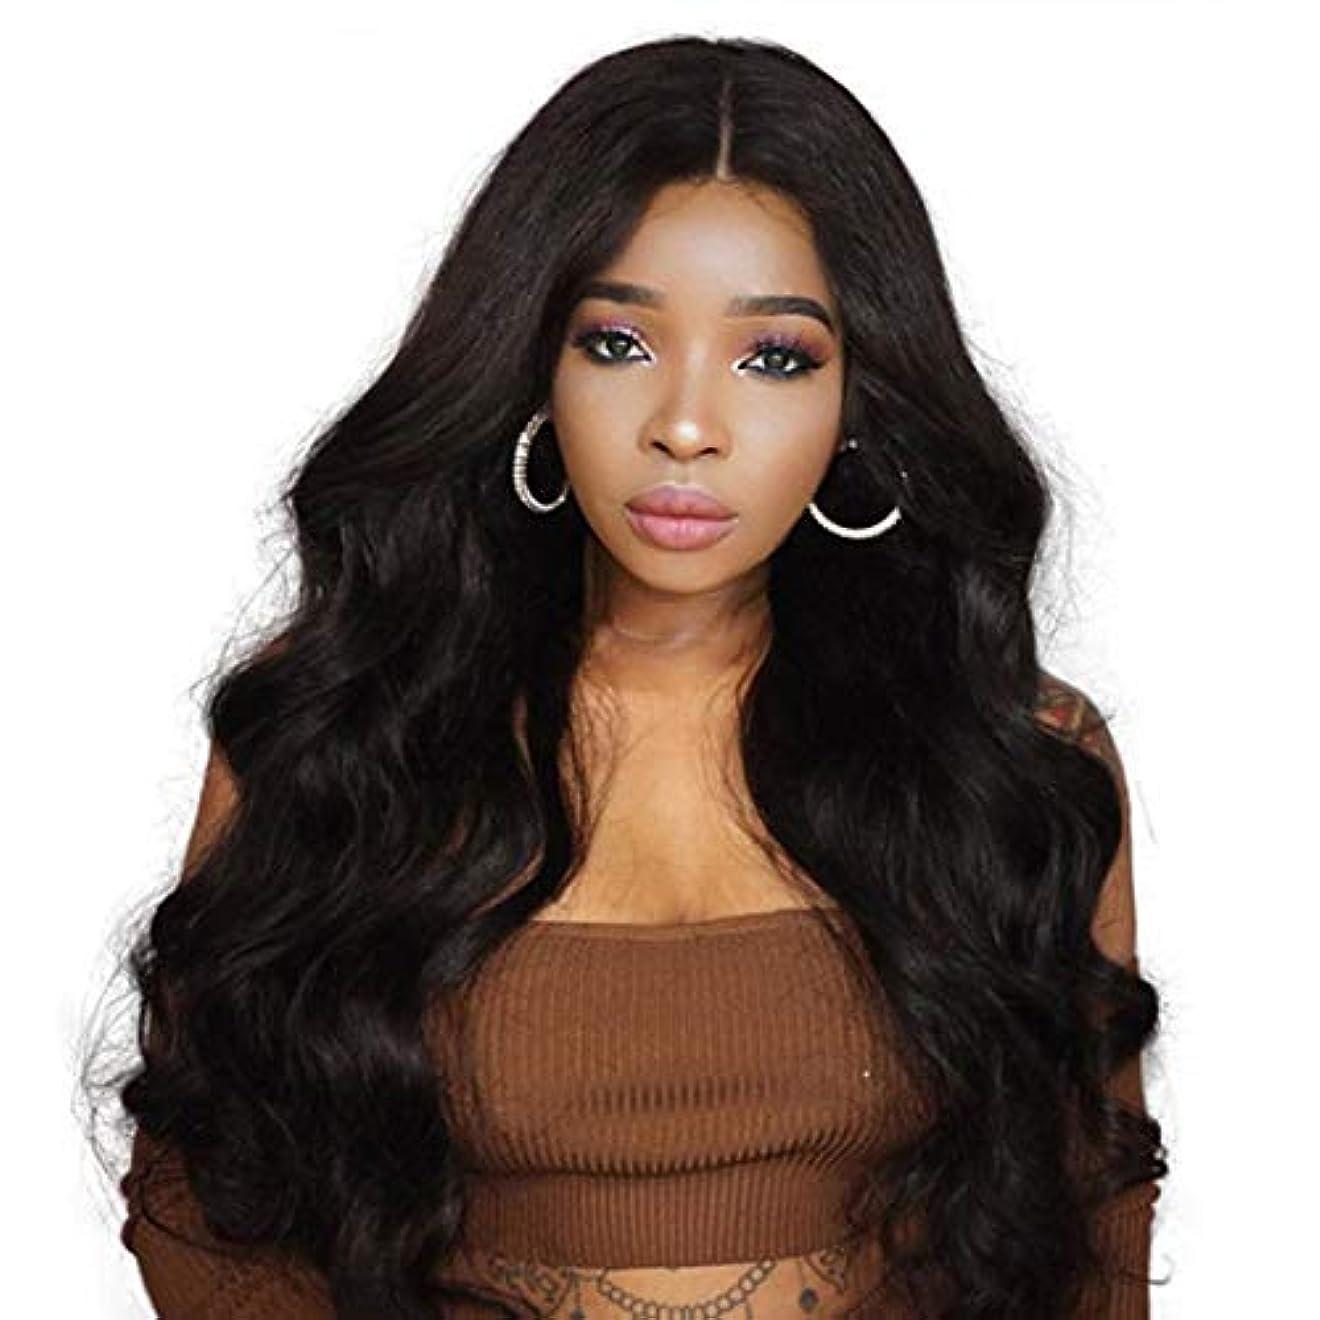 動く超越するマネージャーKerwinner 黒人女性のための長い波状の合成かつらカーリー合成かつら